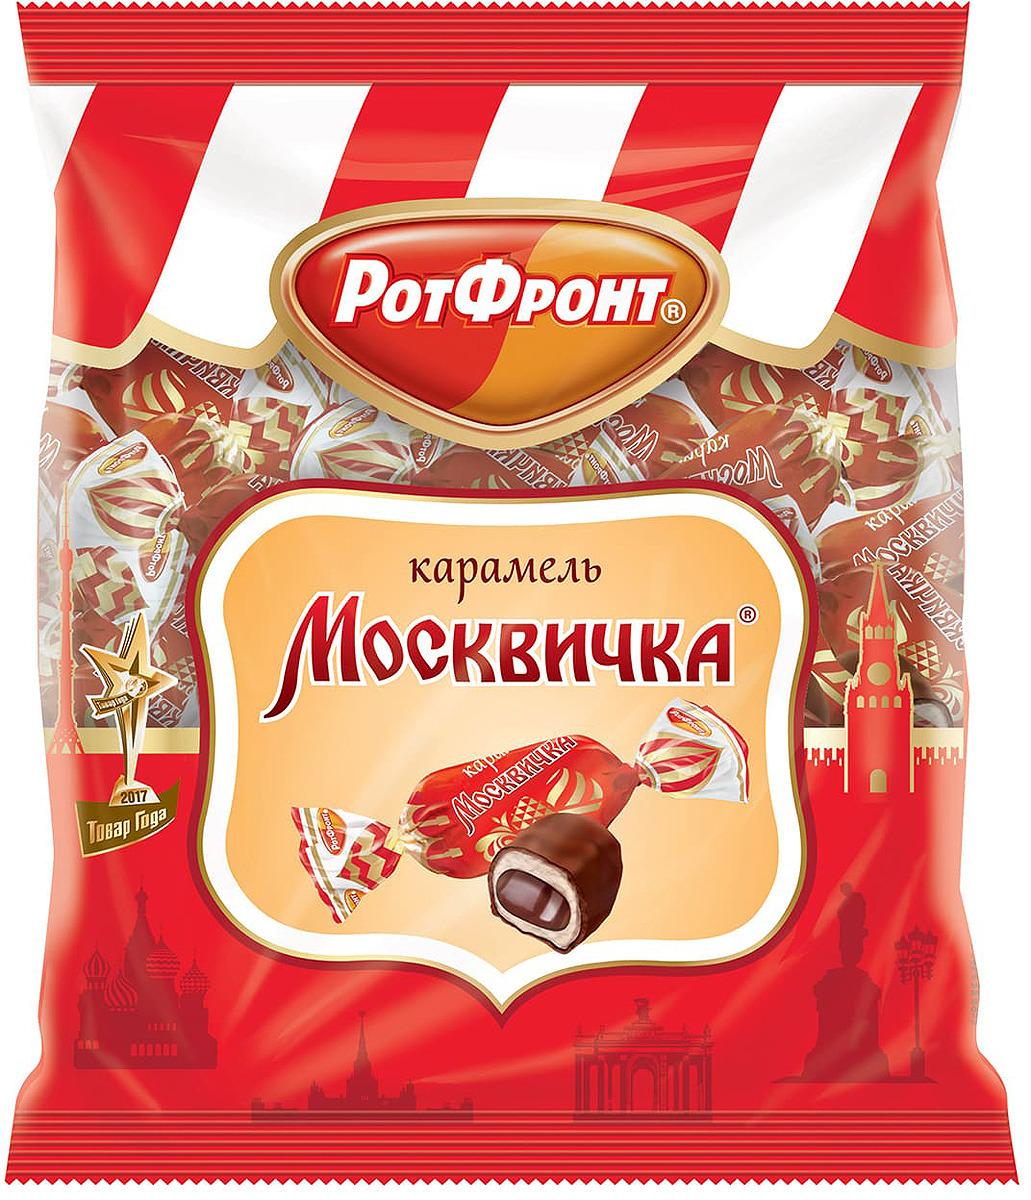 Фото - Карамель Рот Фронт Москвичка в шоколаде, 250 г рот фронт коровка конфеты со вкусом топленое молоко в шоколадной глазури 250 г